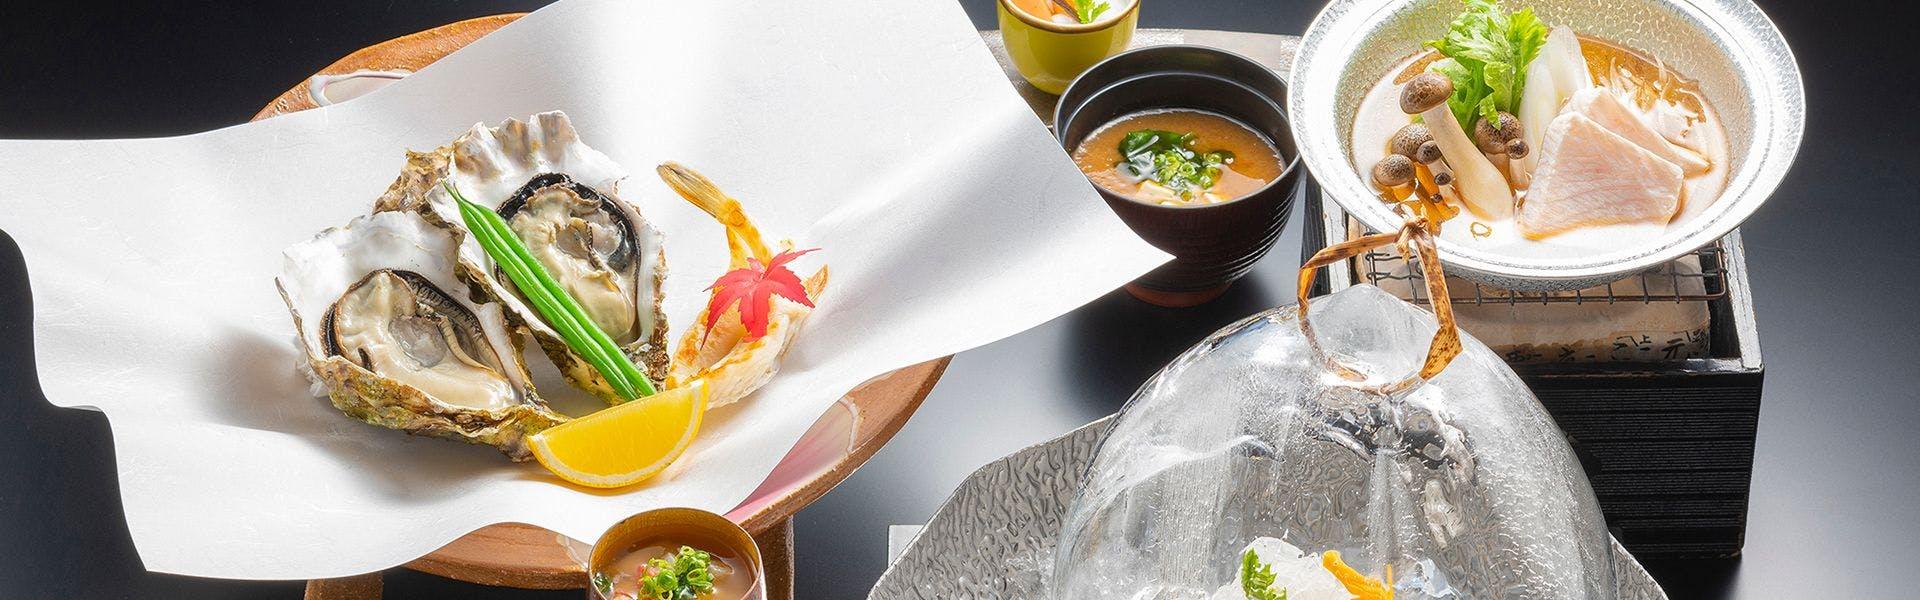 日本食「雅庭」会席料理イメージ